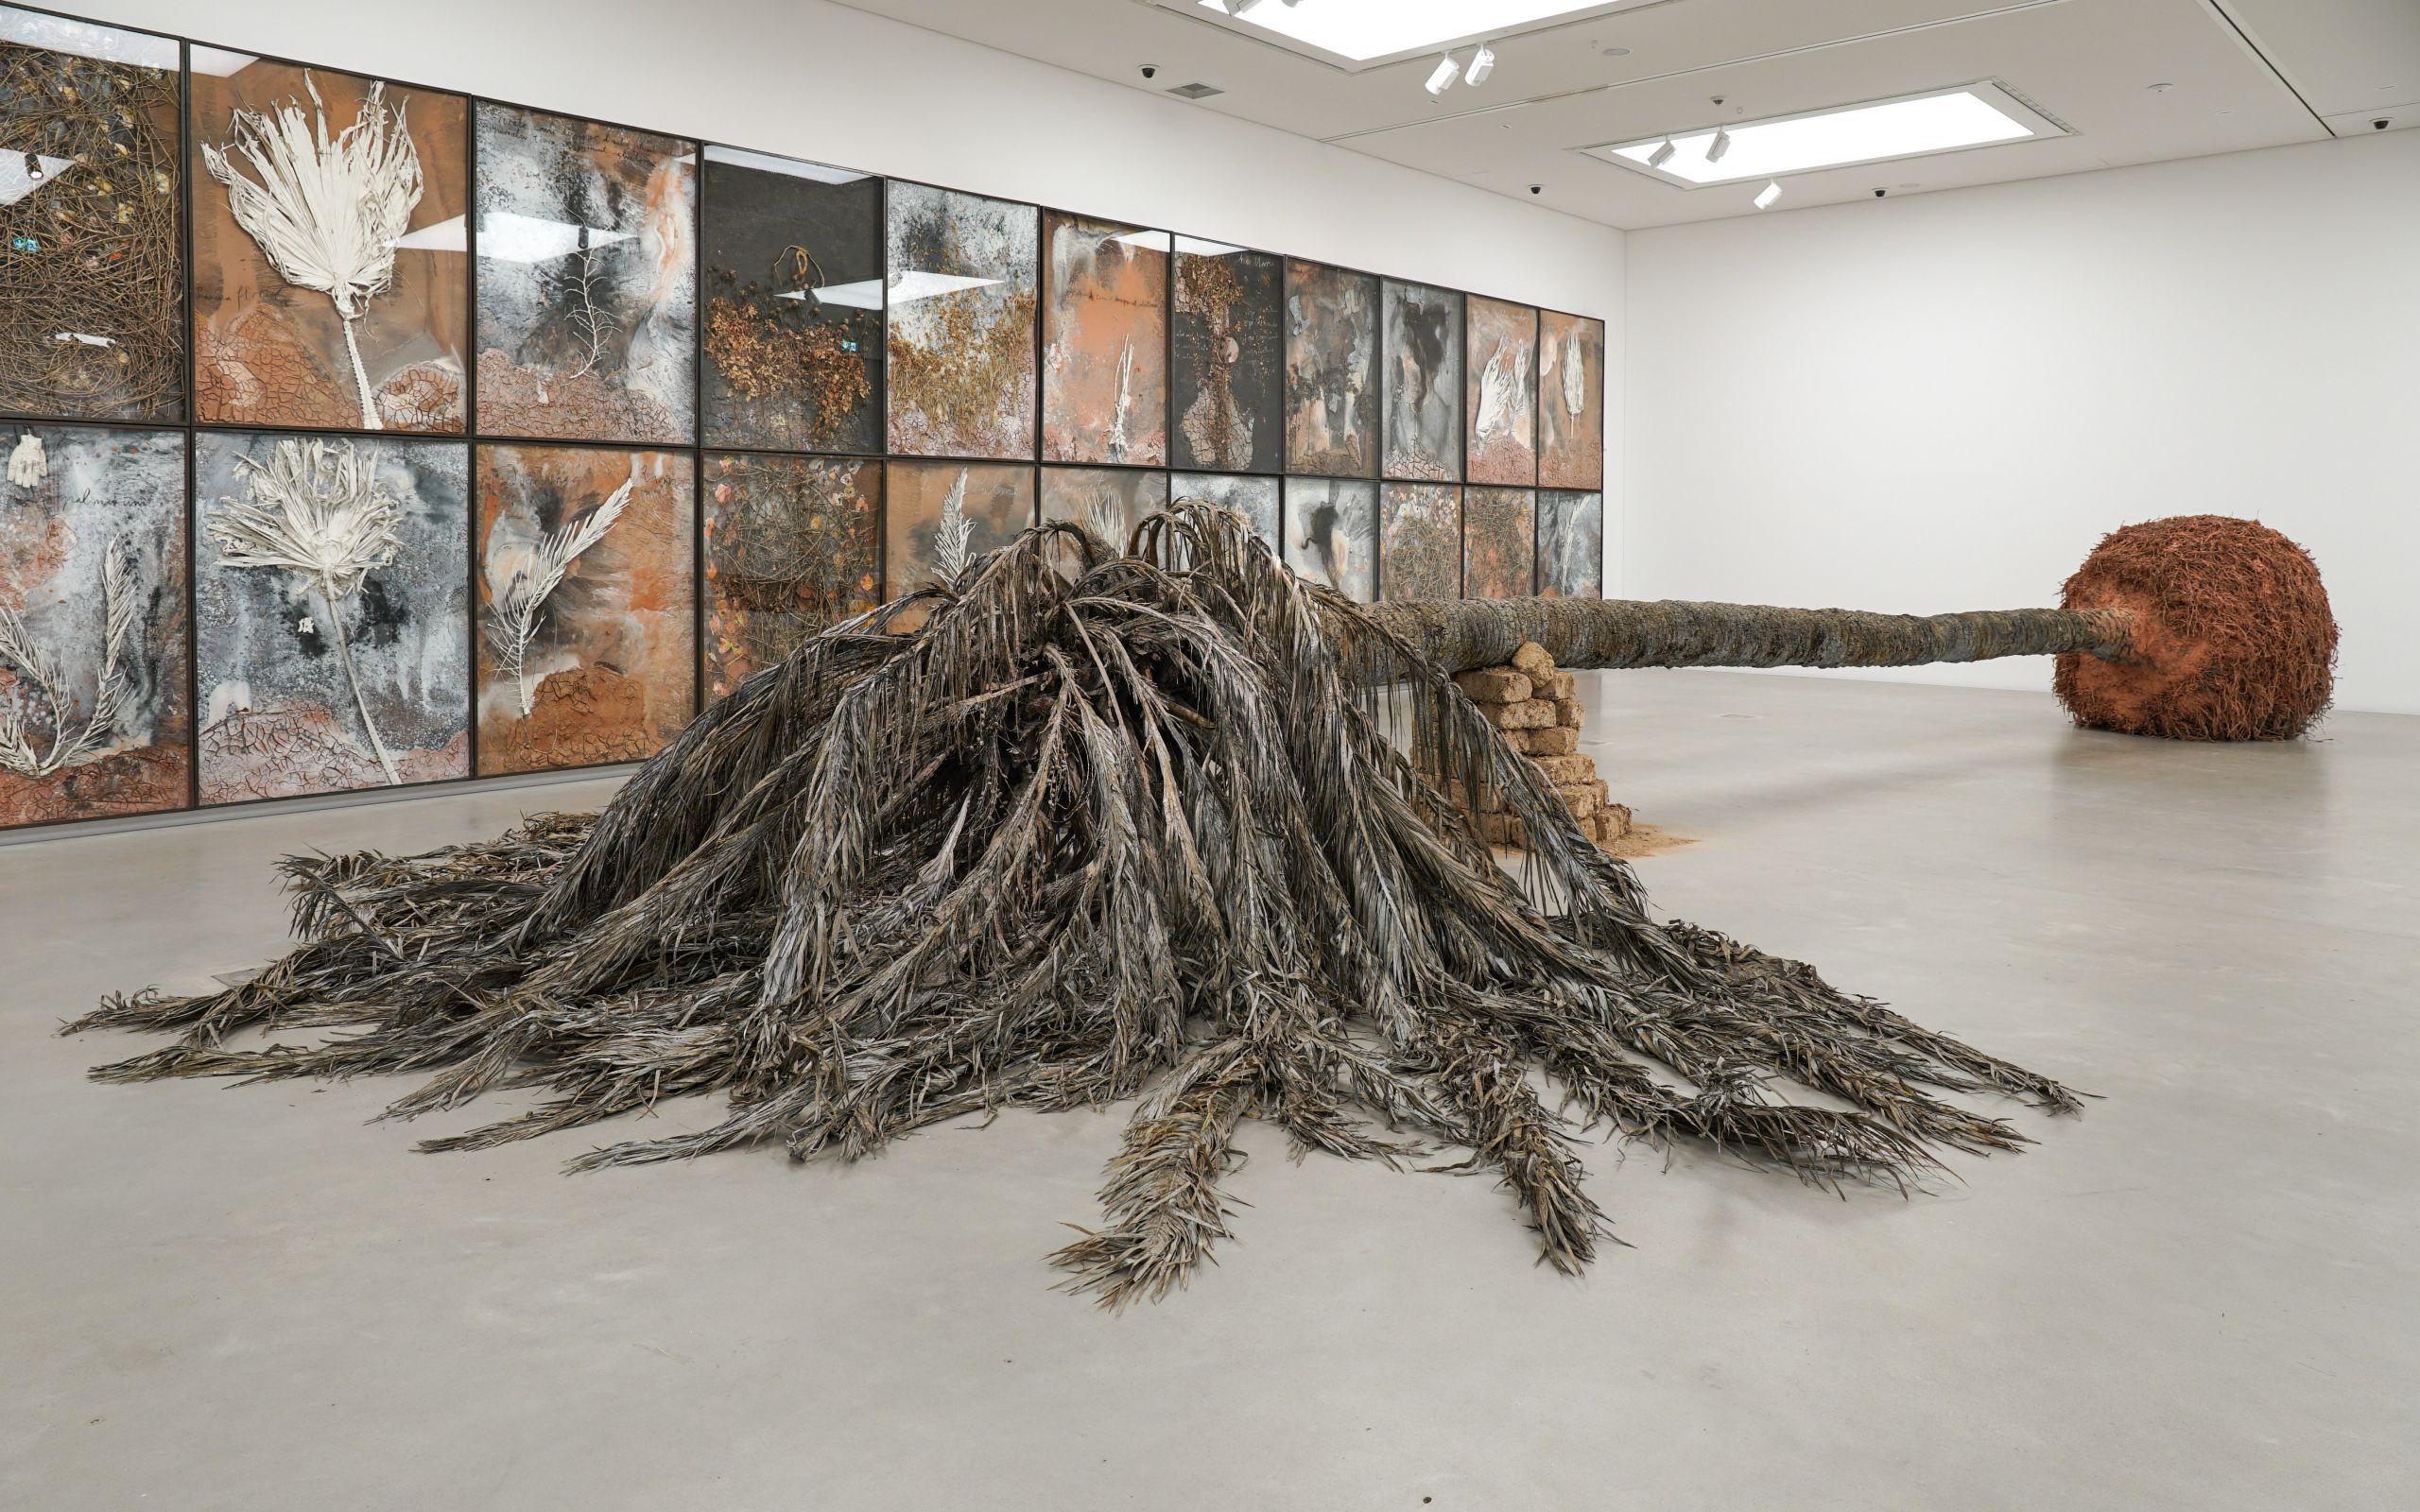 Palmsonntag © Anselm Kiefer, Sammlung Grothe, Foto: Heiko Daniels / Kunsthalle Mannheim